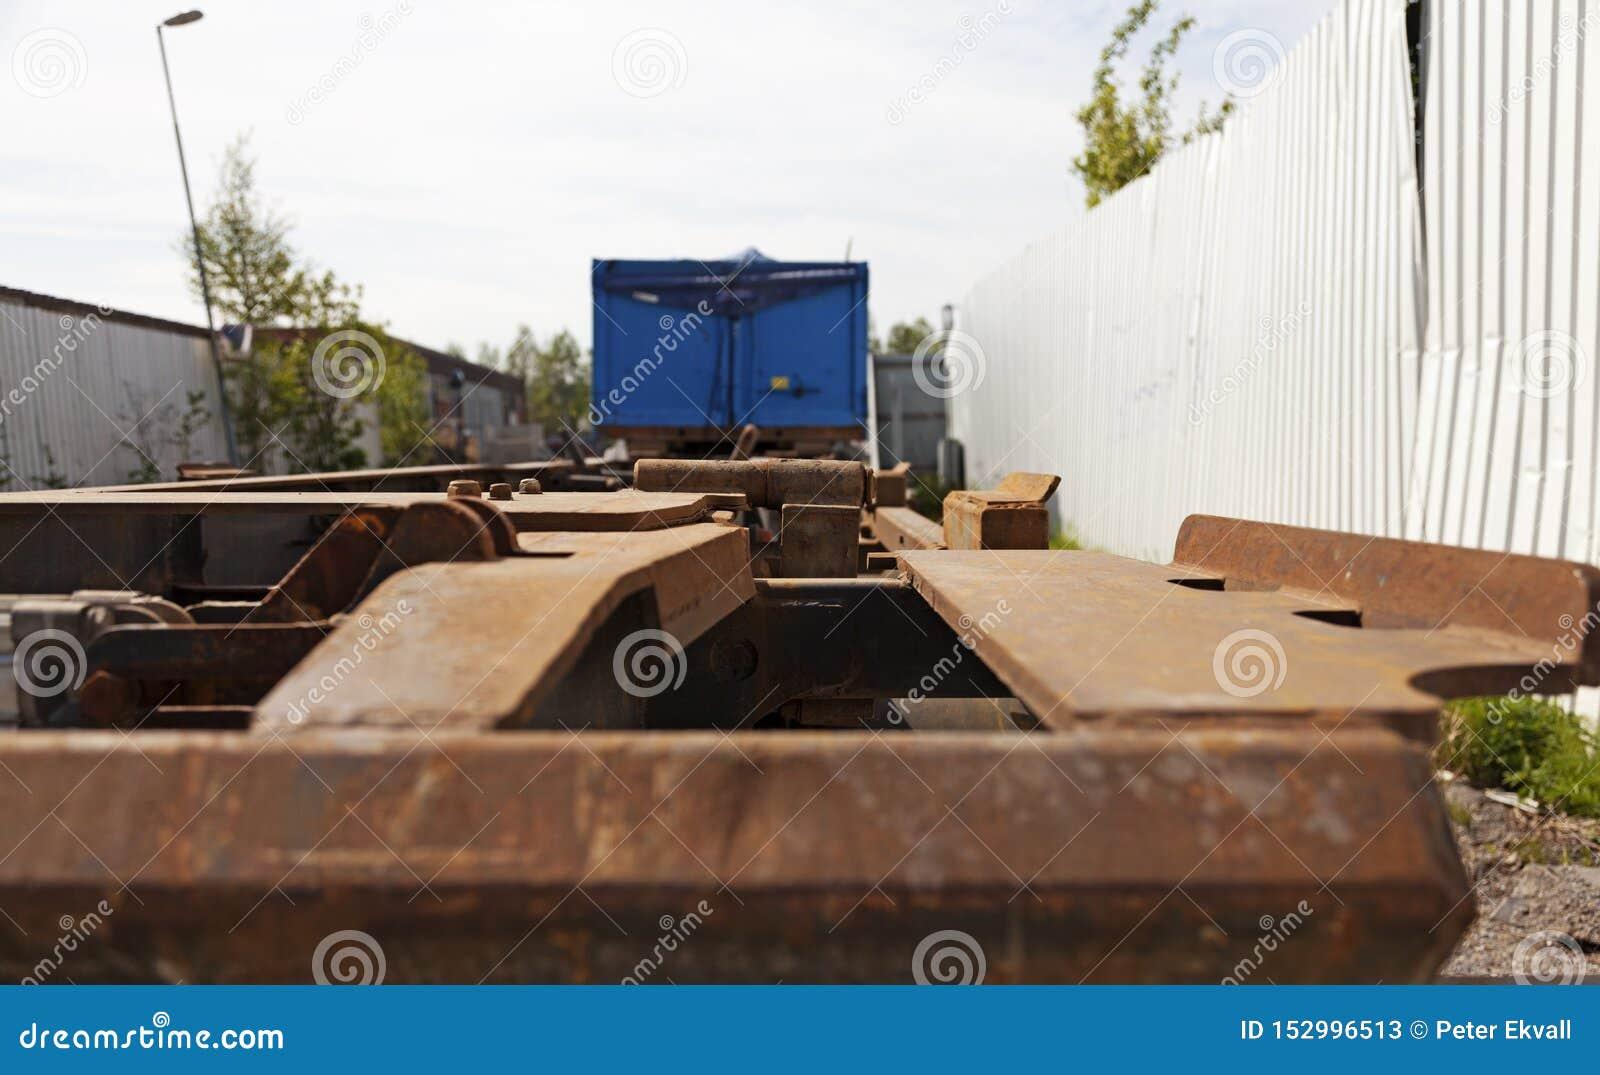 Desde detrás de un camión largo sin una carga